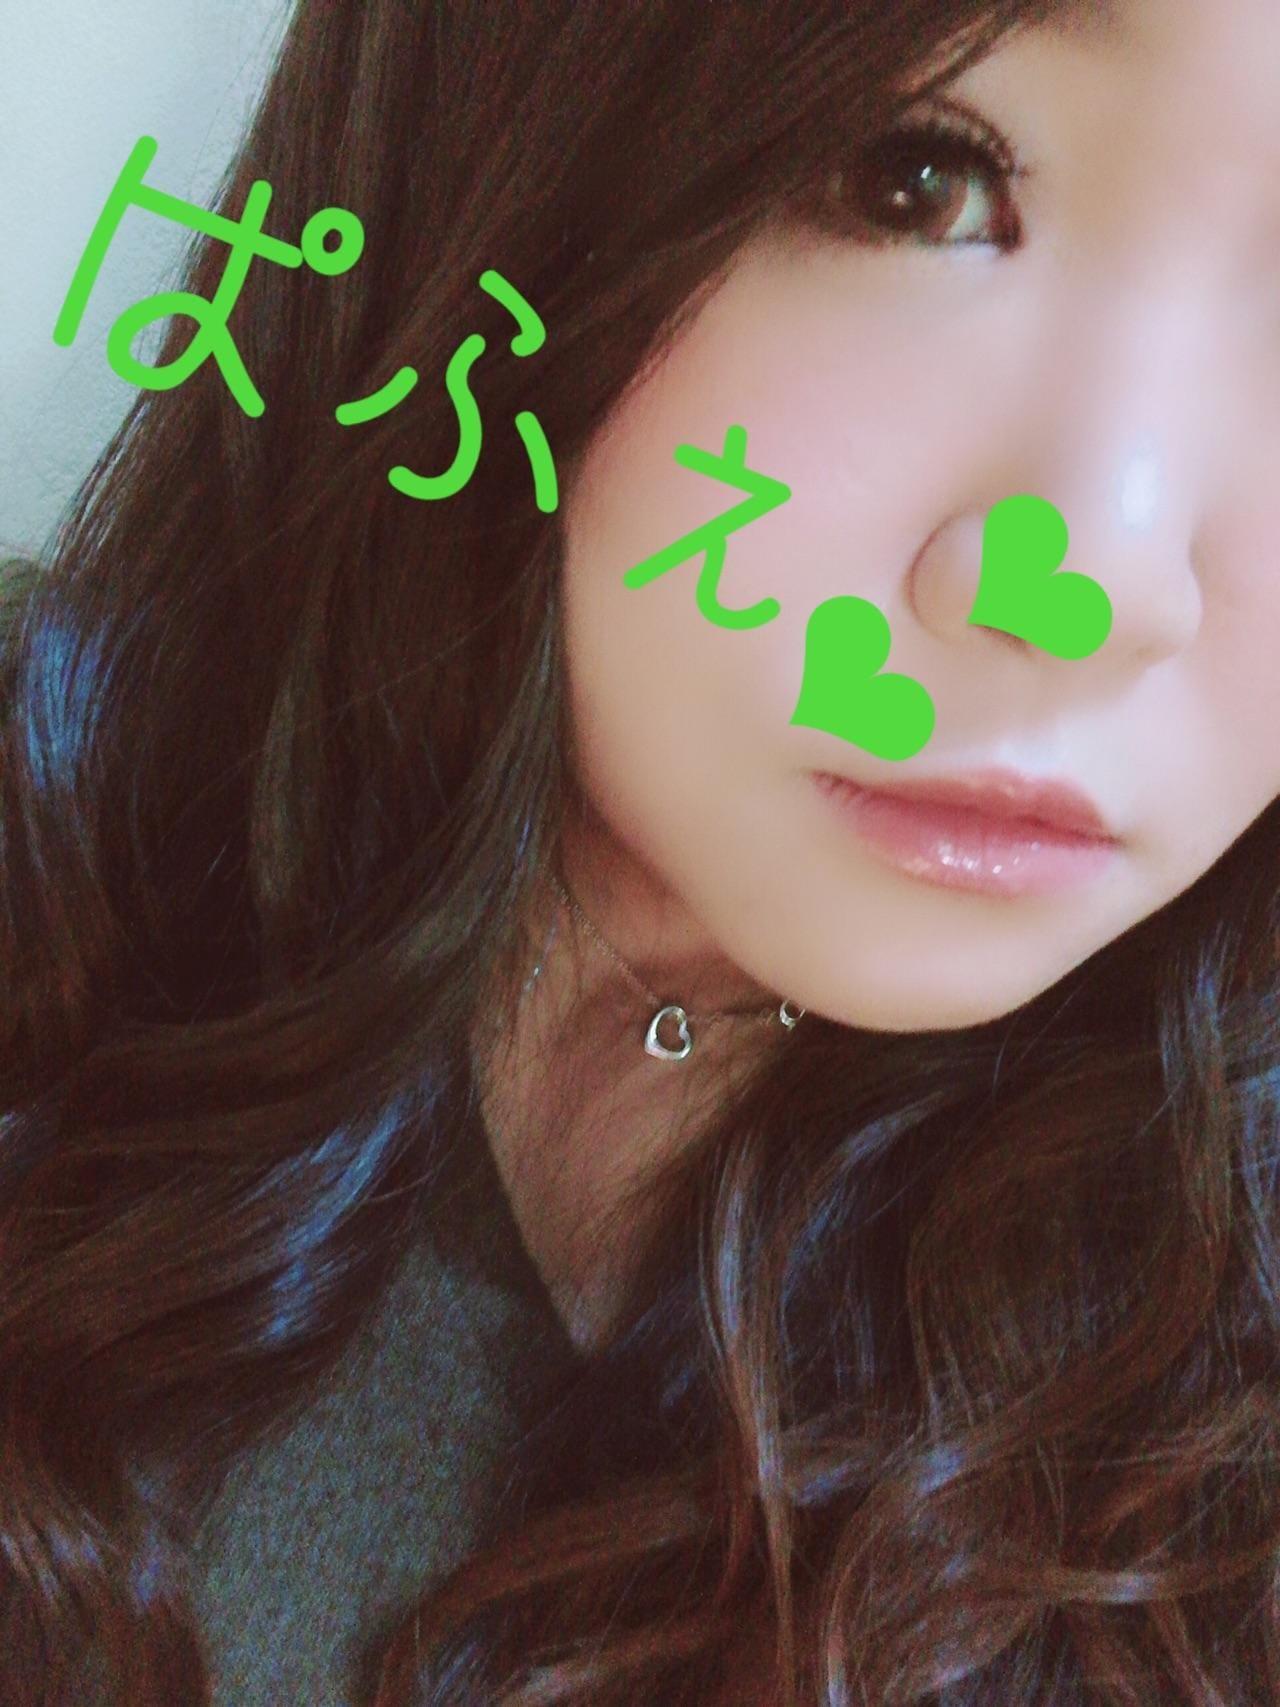 「お礼?」06/15(06/15) 22:46 | パフェの写メ・風俗動画